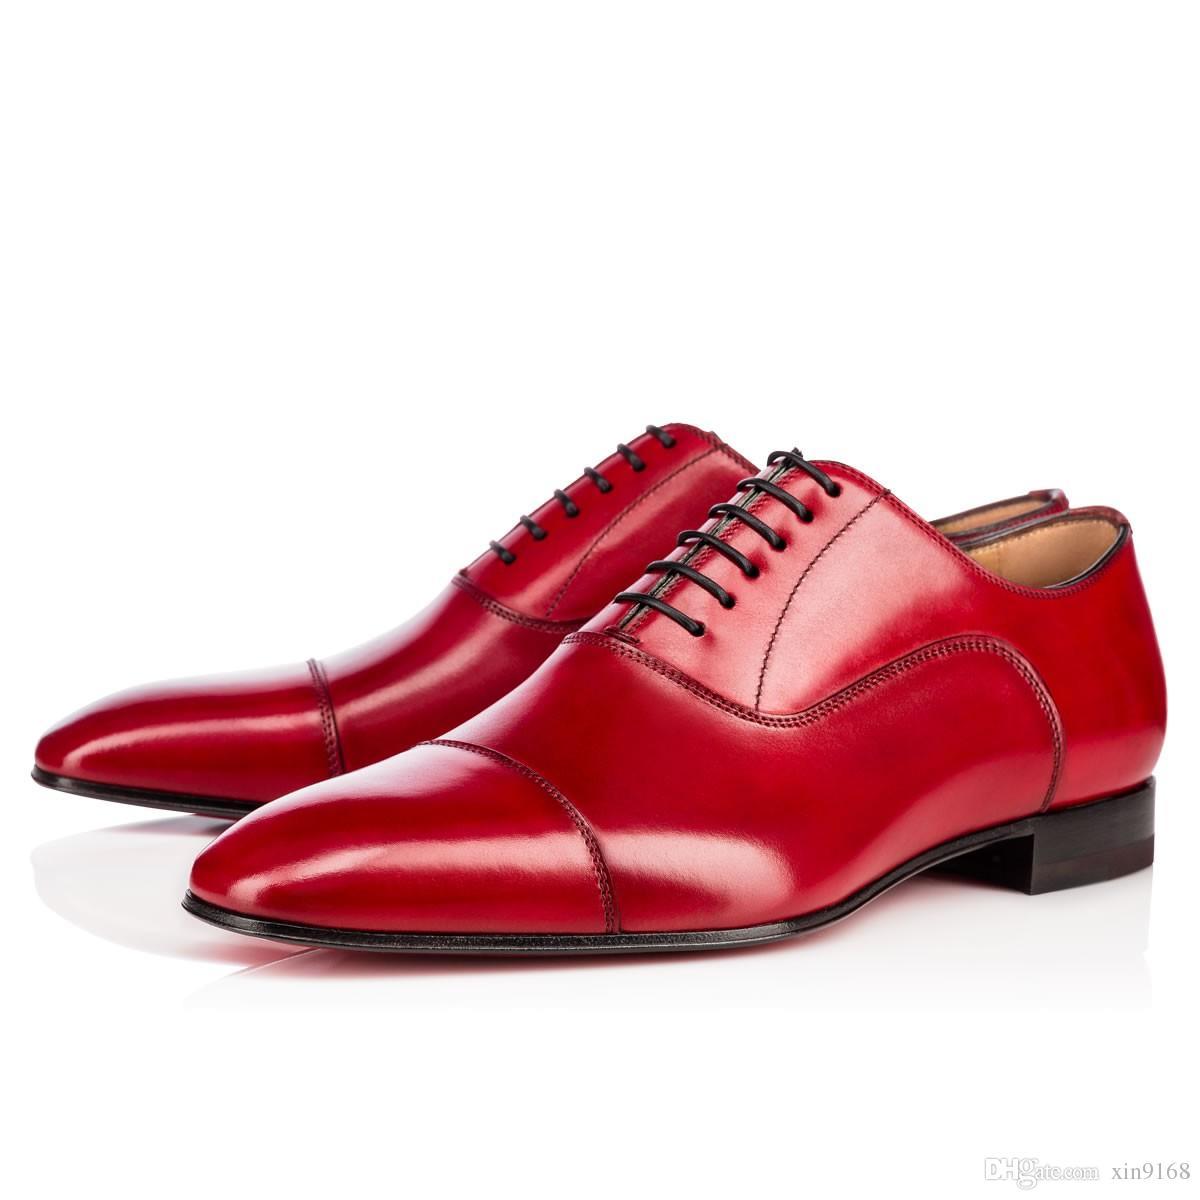 [Original Box] Moda Red Bottom Sapatos Greggo Orlato Sapatos Oxford Homens Mulheres Andando Sapatos de Festa de Casamento Mocassins Sapatos 38-46